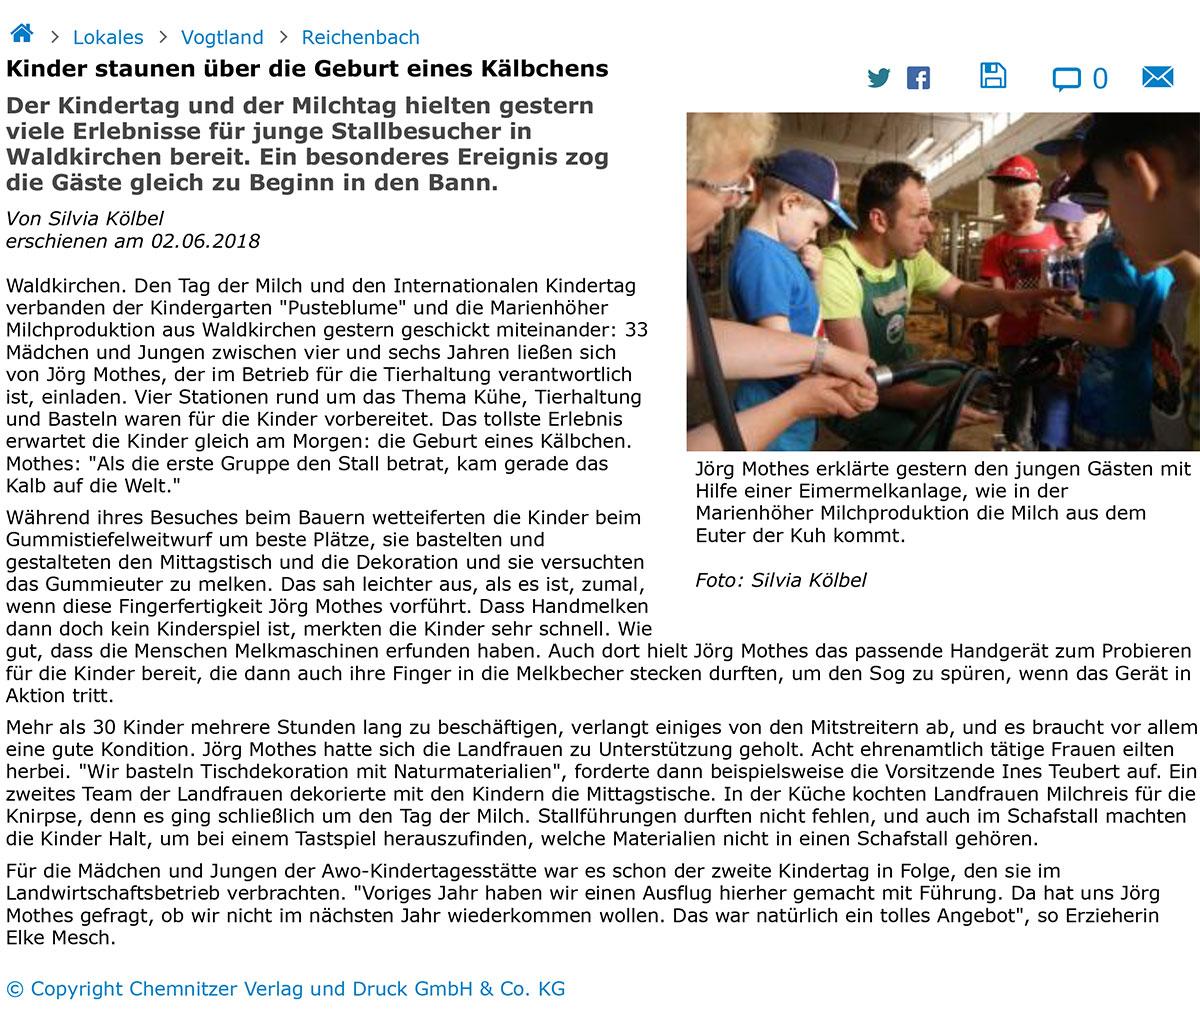 02.06.2018 Freie Presse - Kinder staunen über die Geburt eines ...